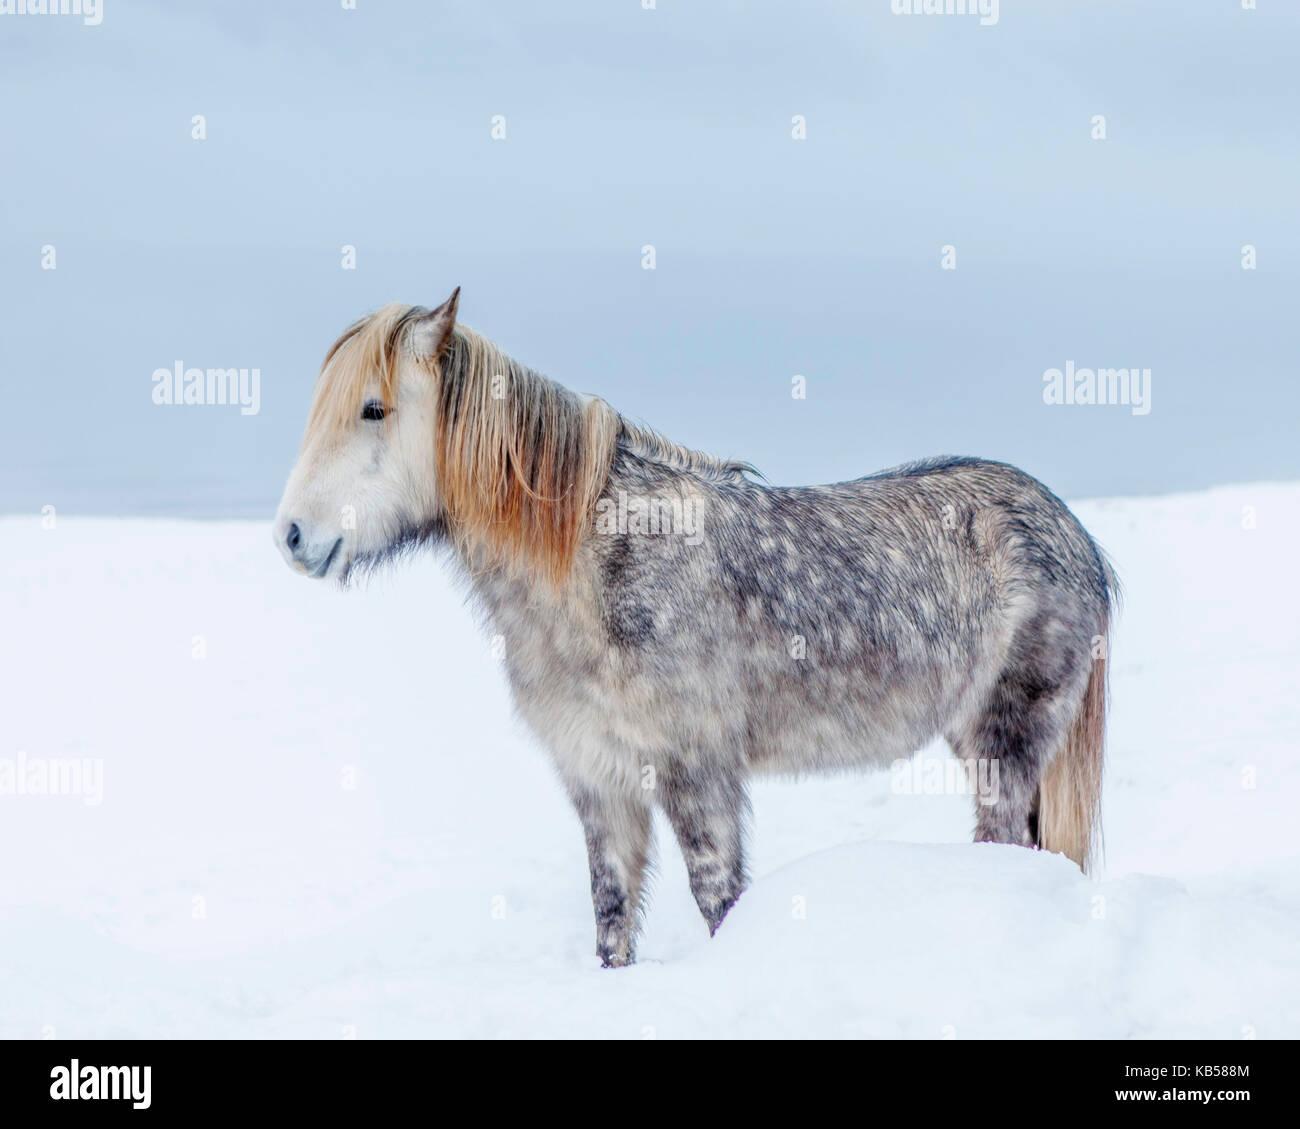 Portrait Isländisches Pferd, Island das Isländisches Pferd ist eine in Island entwickelte Rasse mit vielen einzigartigen Stockfoto